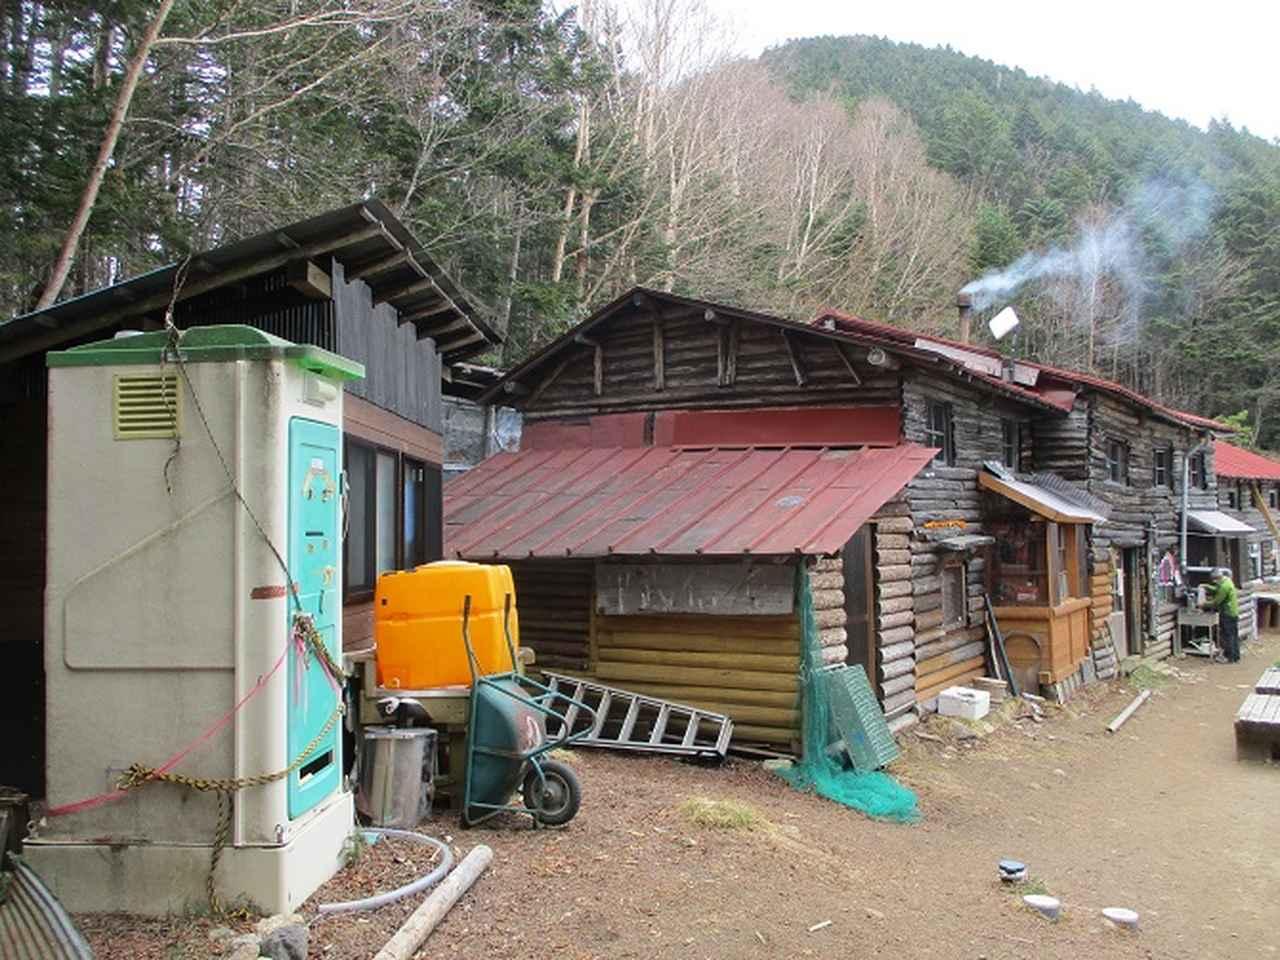 画像12: 6月の山旅会 「甲武信ヶ岳」 ツアーの下見に行ってきました!